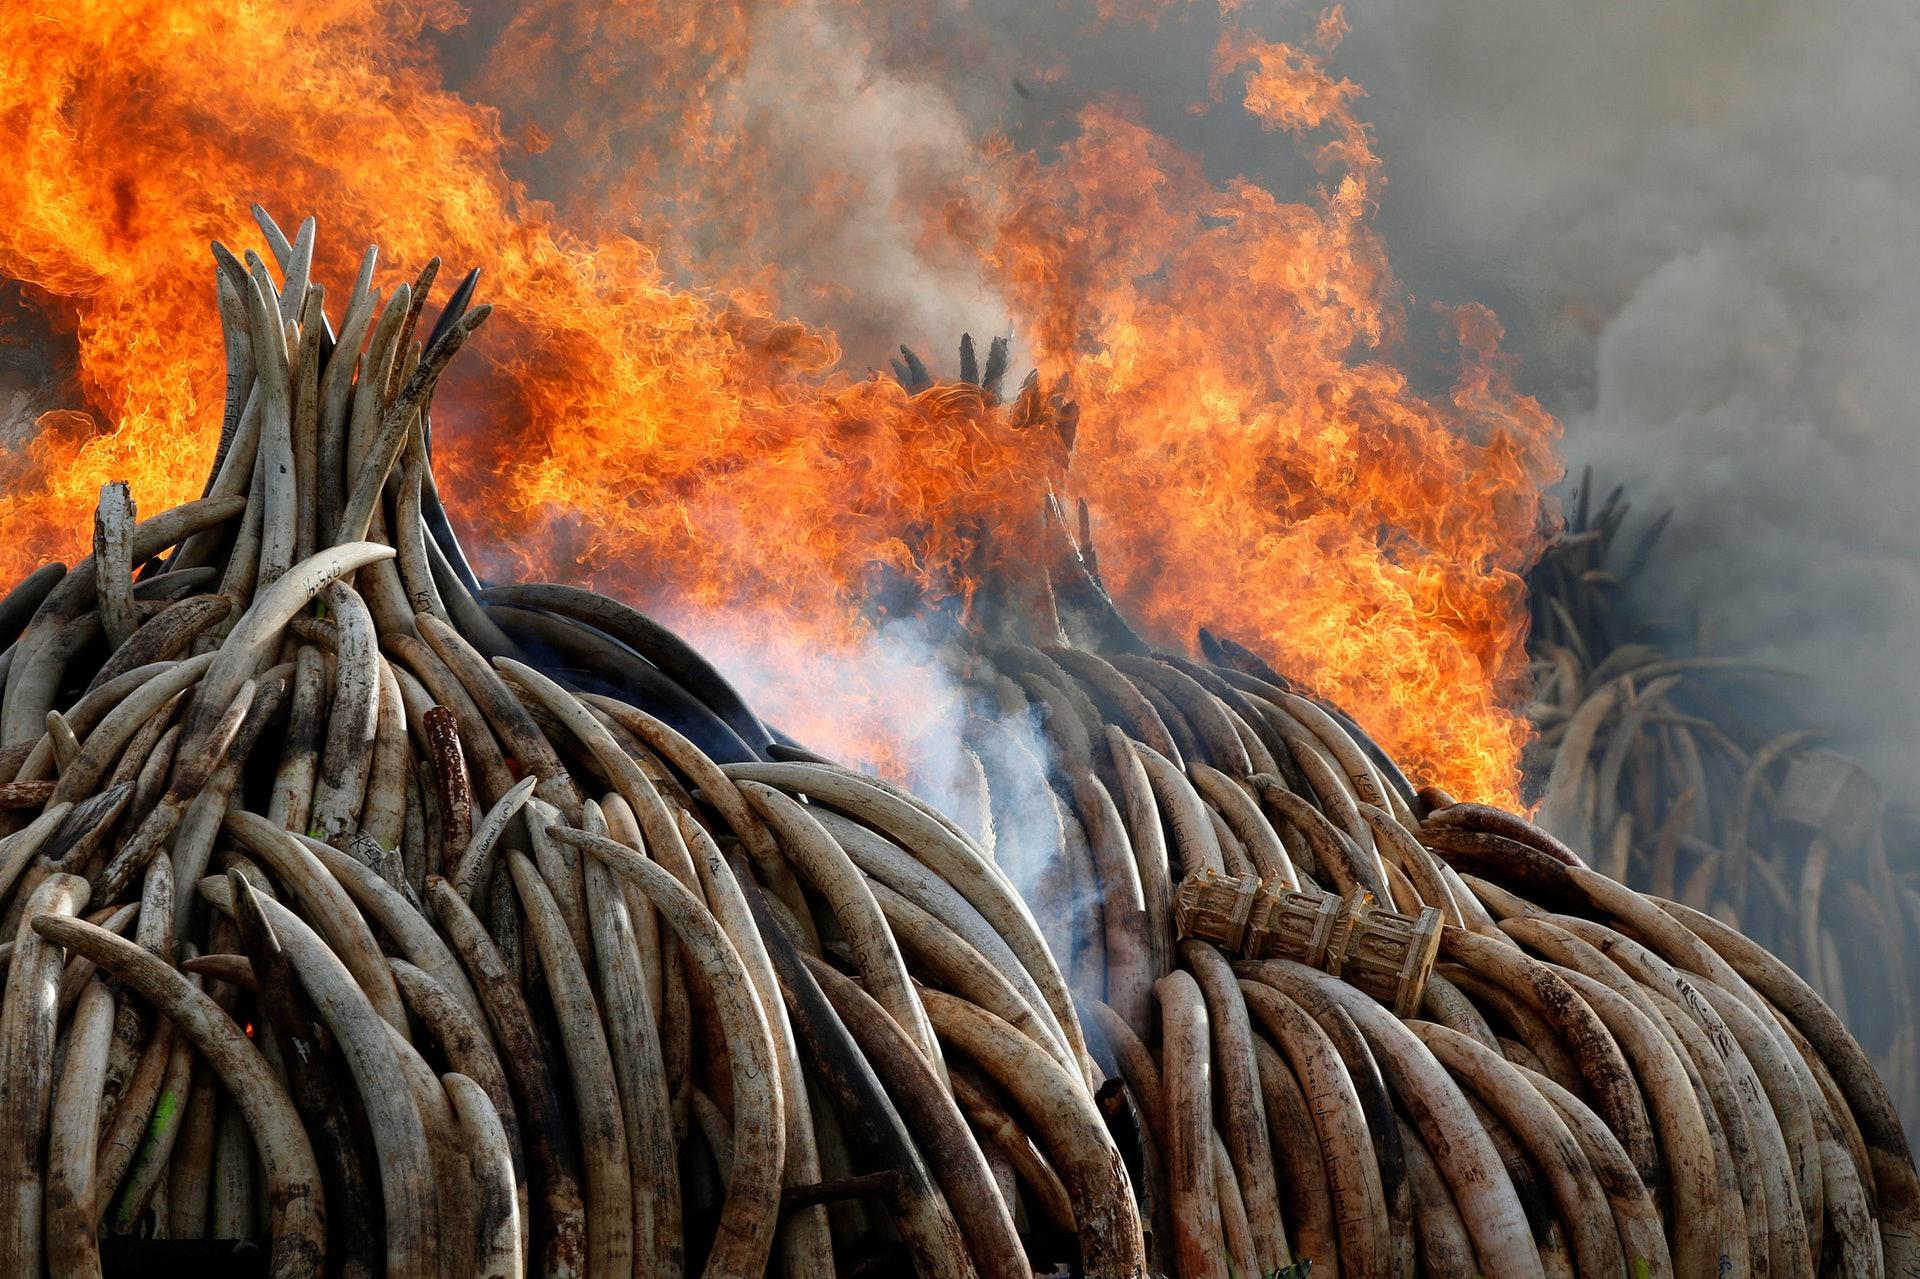 2016年4月30日,肯尼亞內羅畢國家公園銷毀105噸象牙和犀牛角,為歷來最大規模銷毀象牙行動,是以往焚燒數量的7倍。據統計,平均每年有3萬頭非洲大象因象牙而被獵殺。(視覺中國)